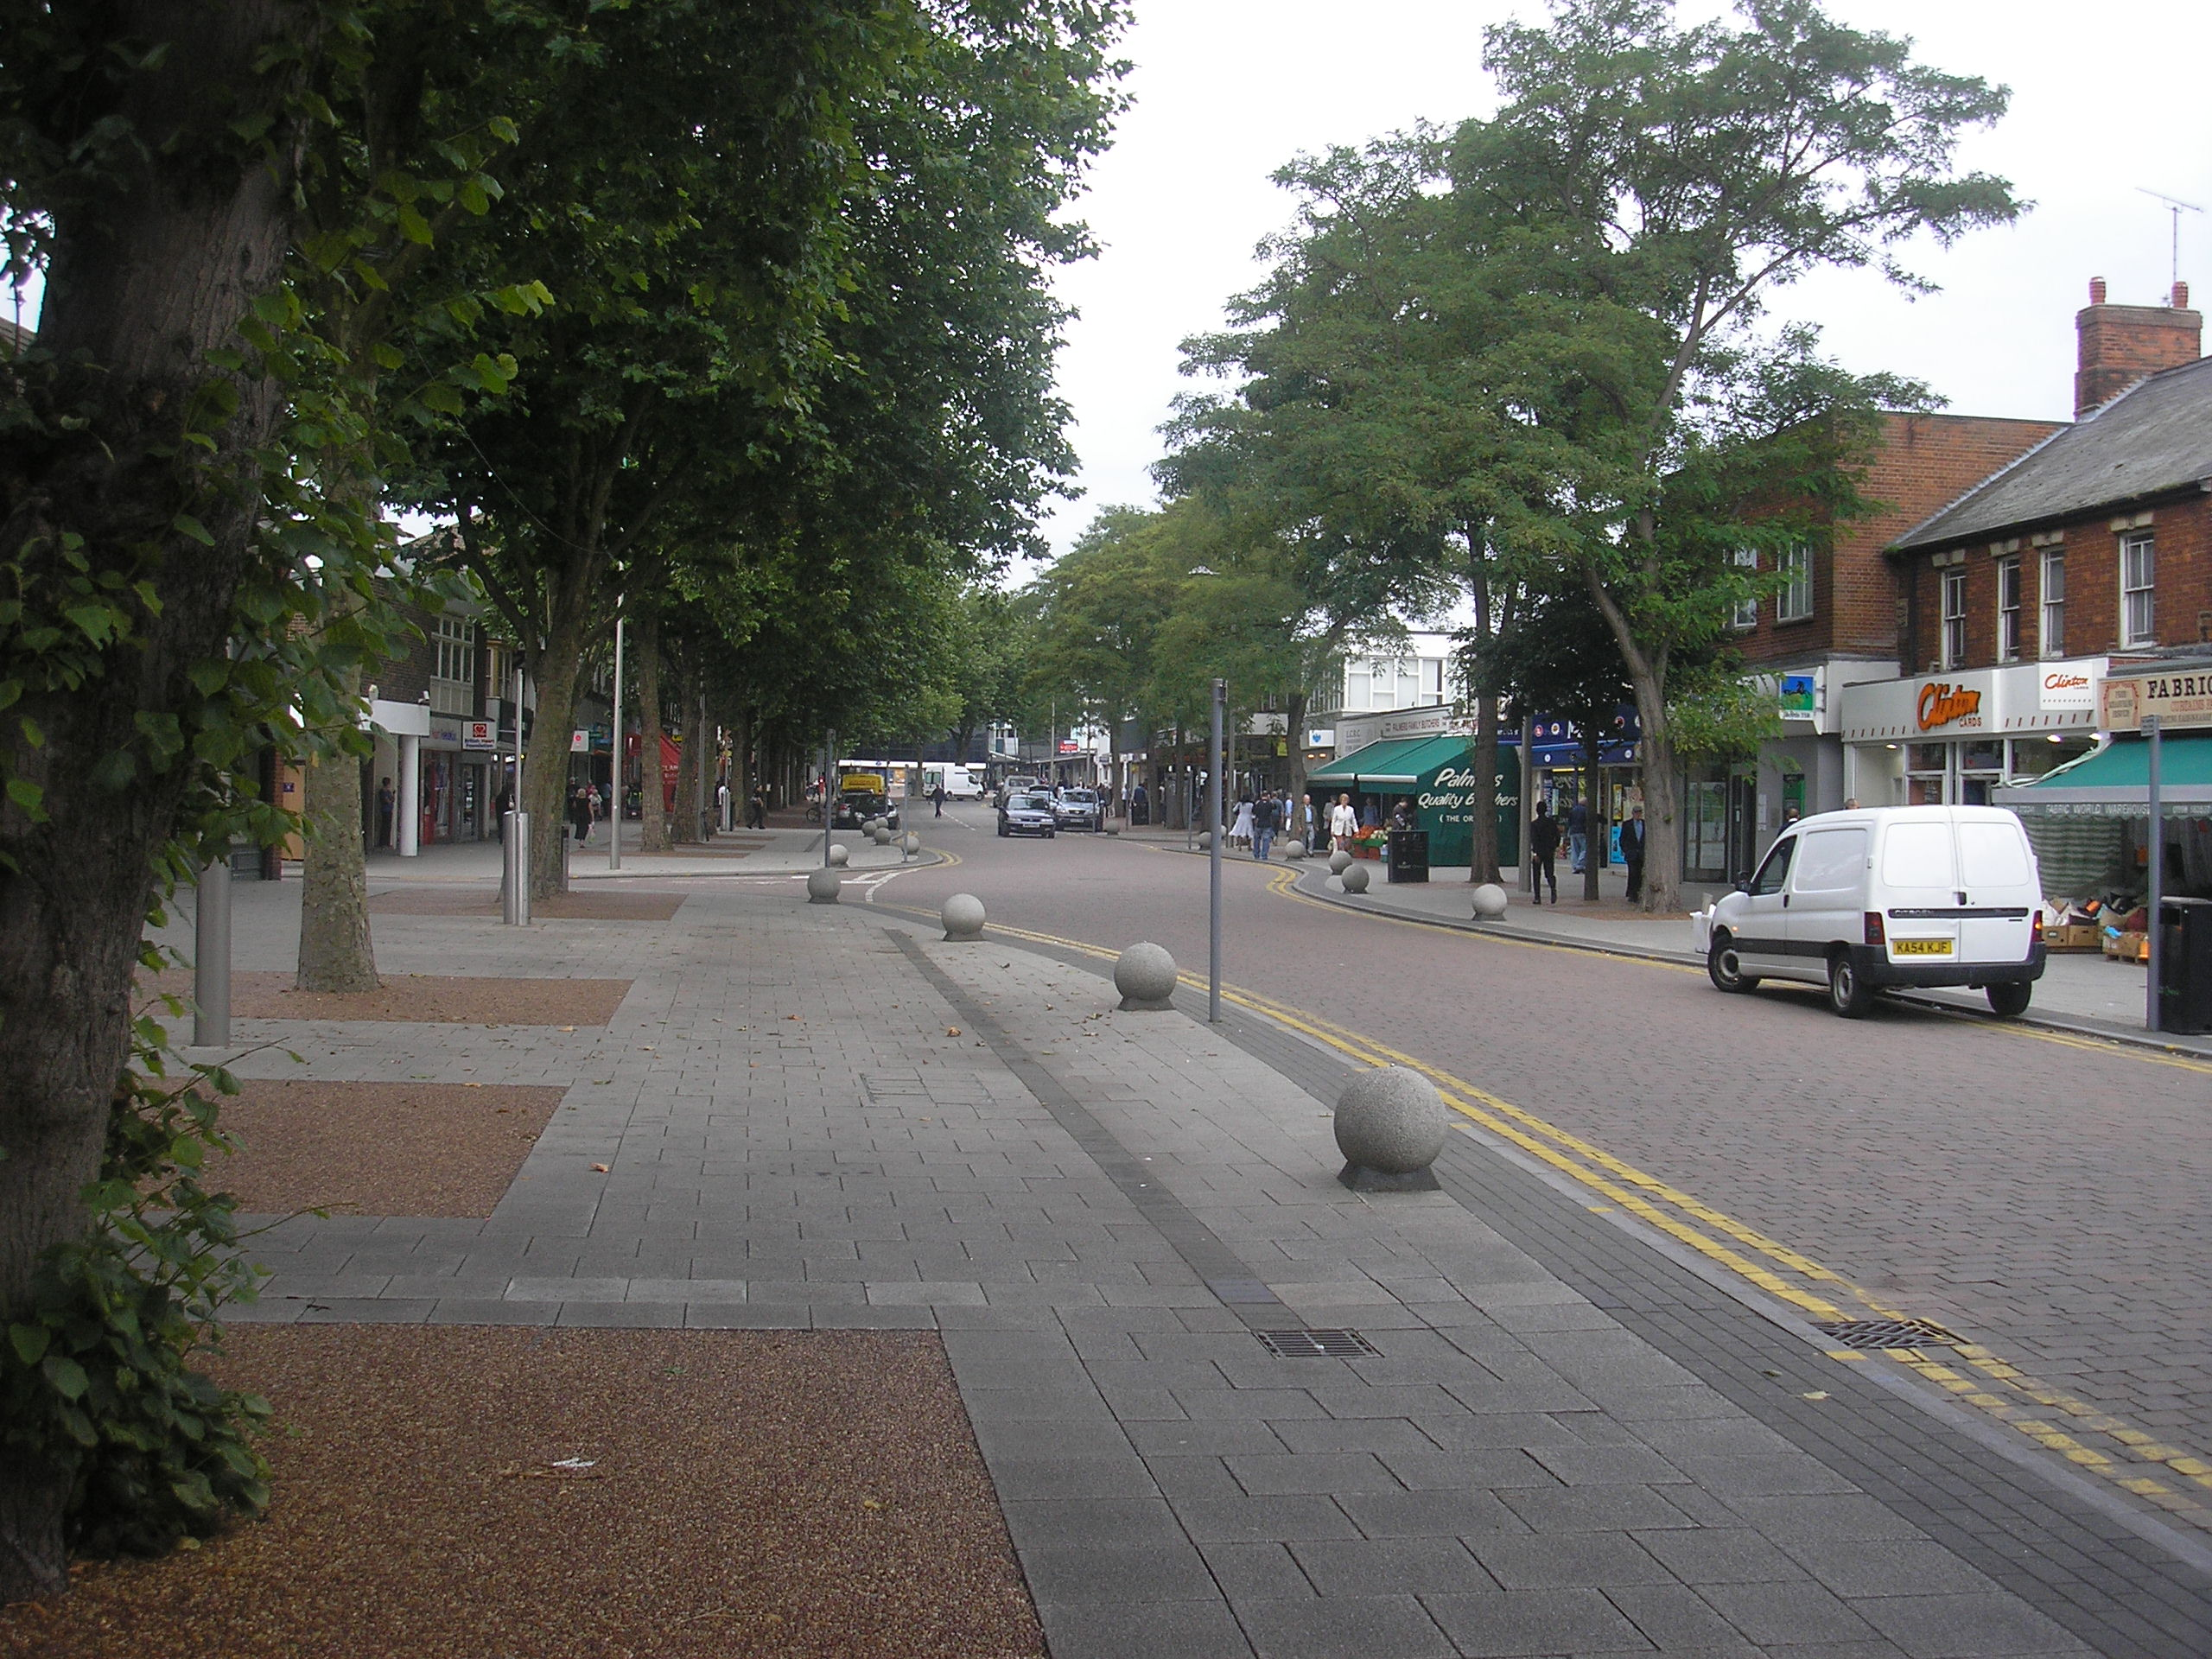 Bletchley, Milton Keynes